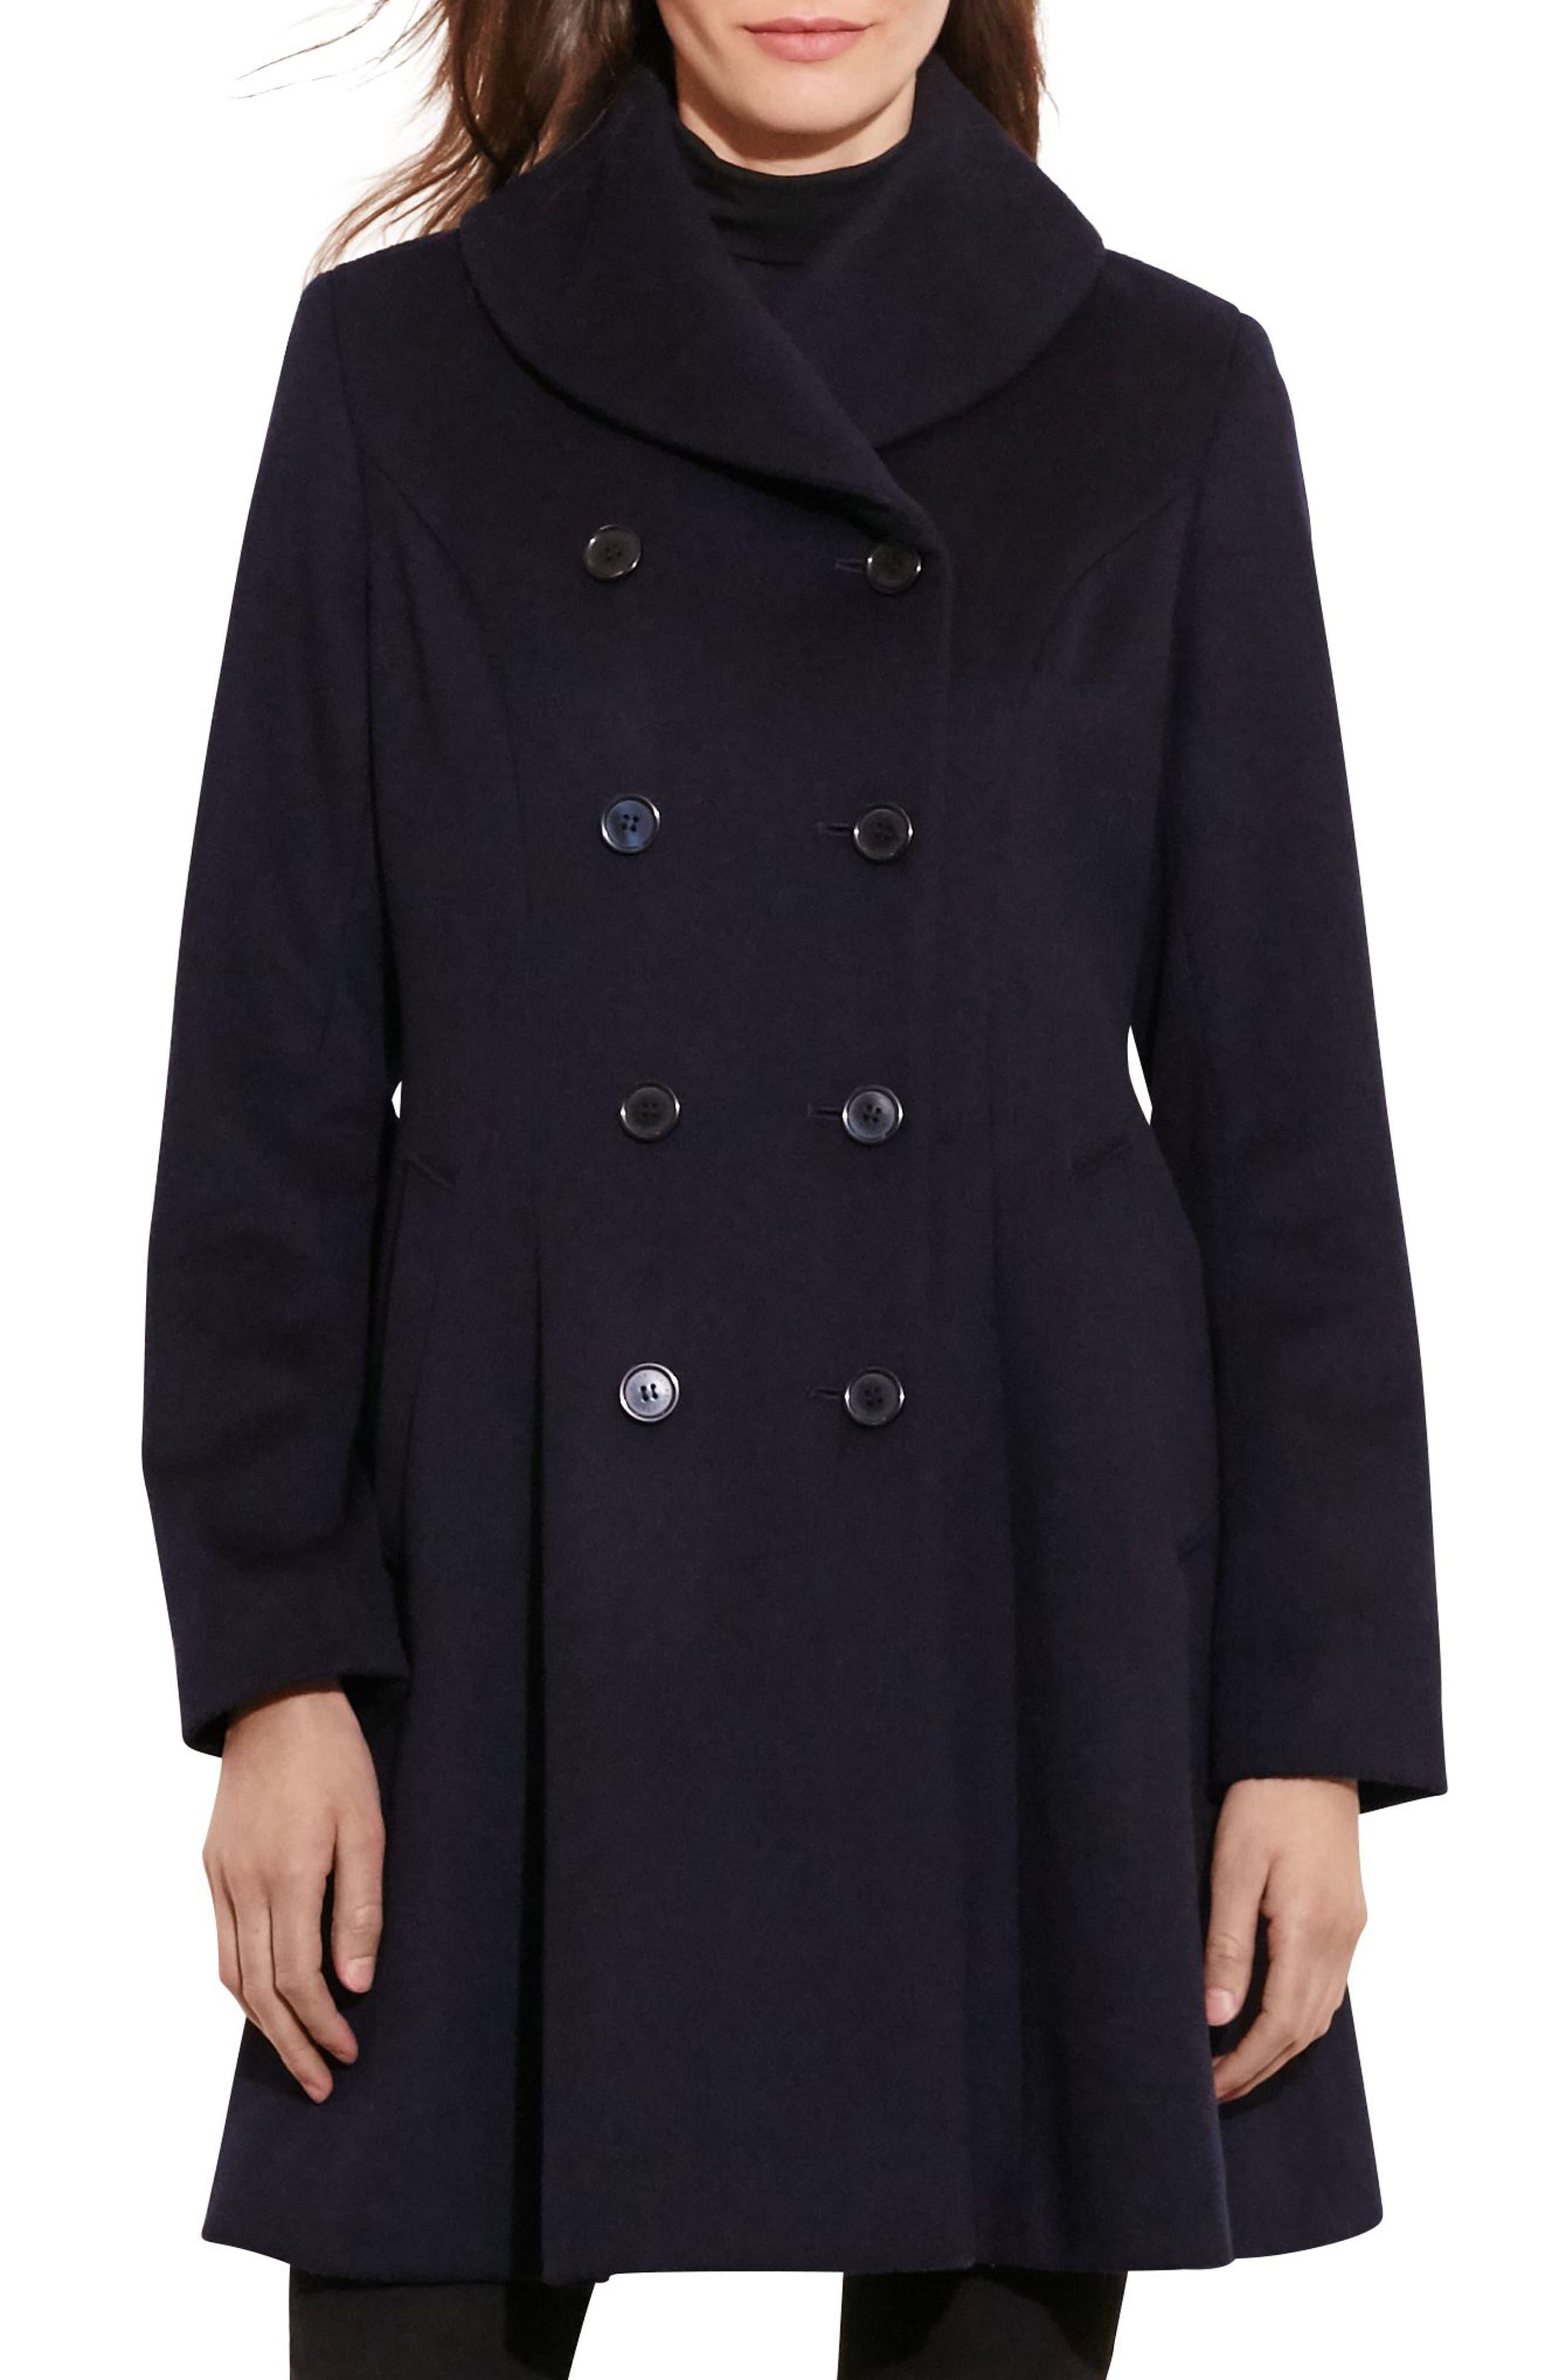 LAUREN RALPH LAUREN Fit & Flare Military Coat, Main, color, REGAL NAVY